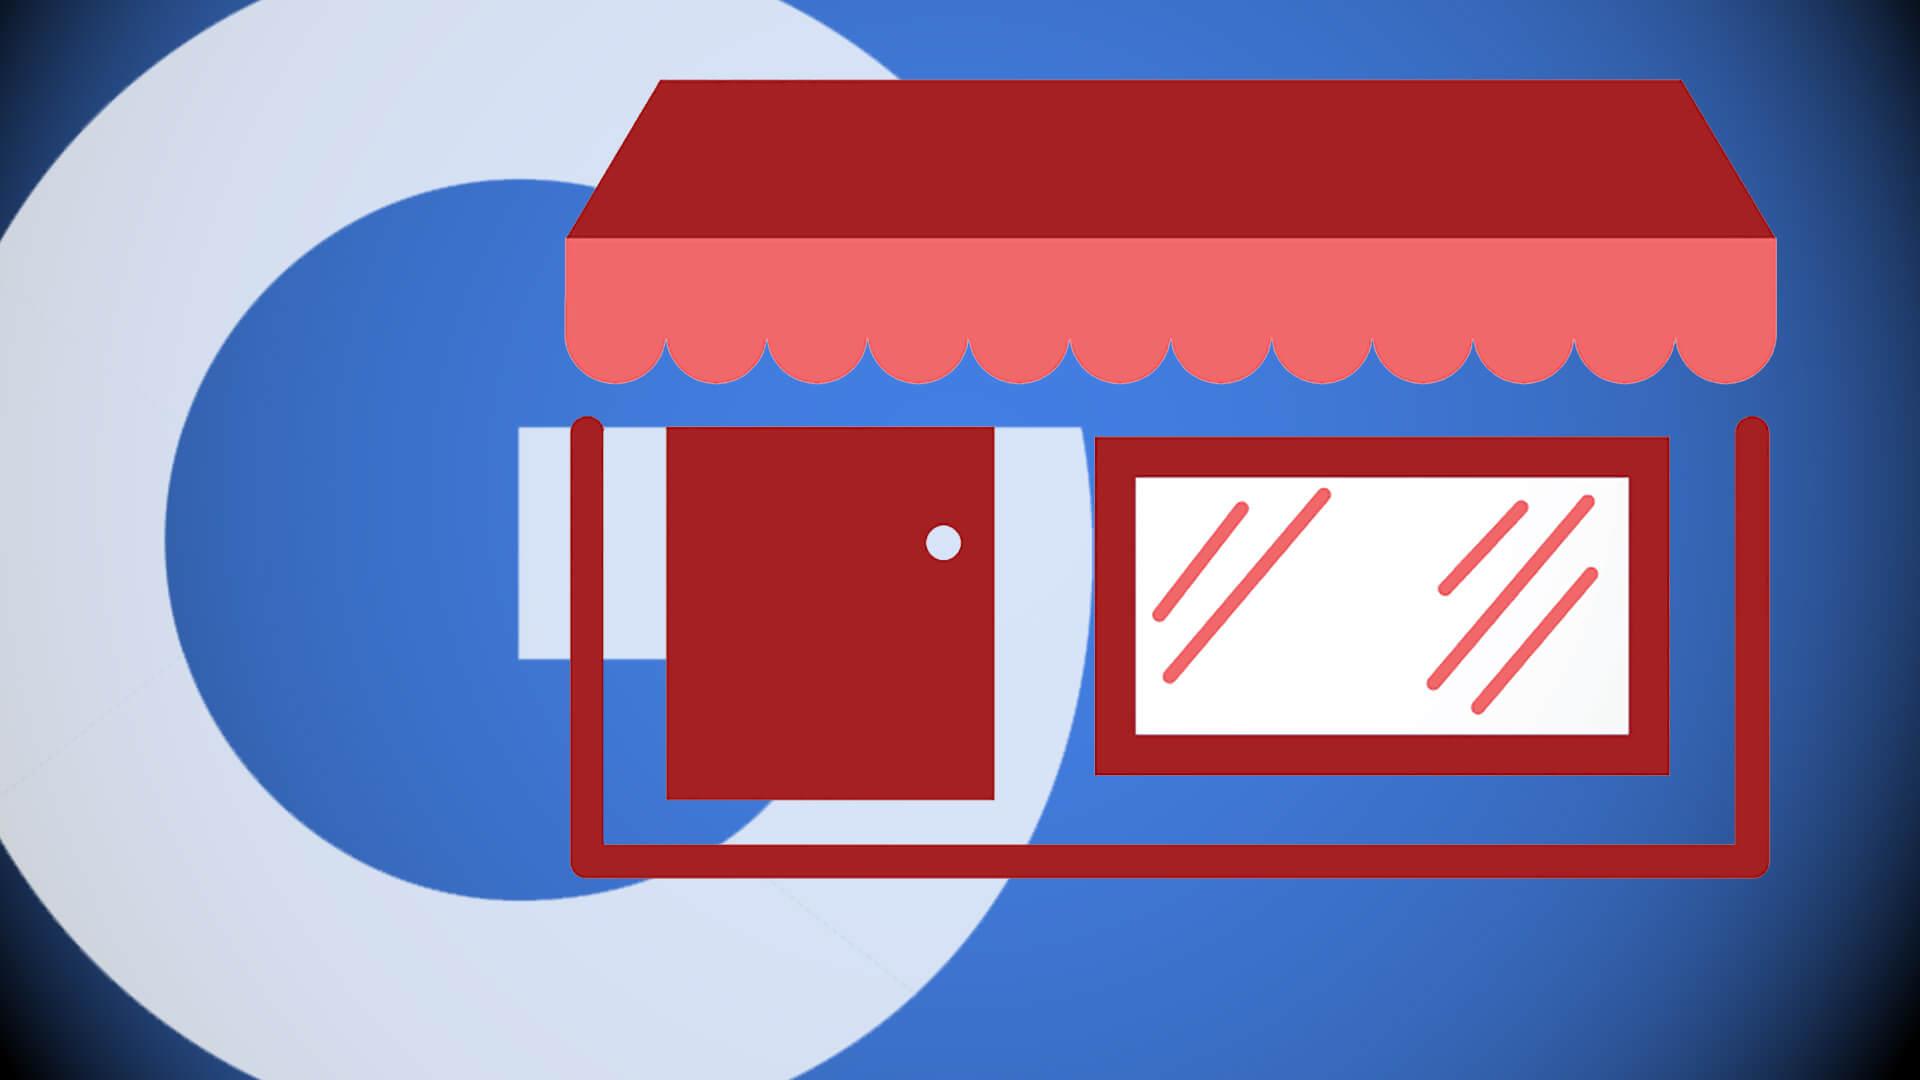 Google agrega un nuevo atributo 'dirigido por veteranos' al perfil de Google My Business